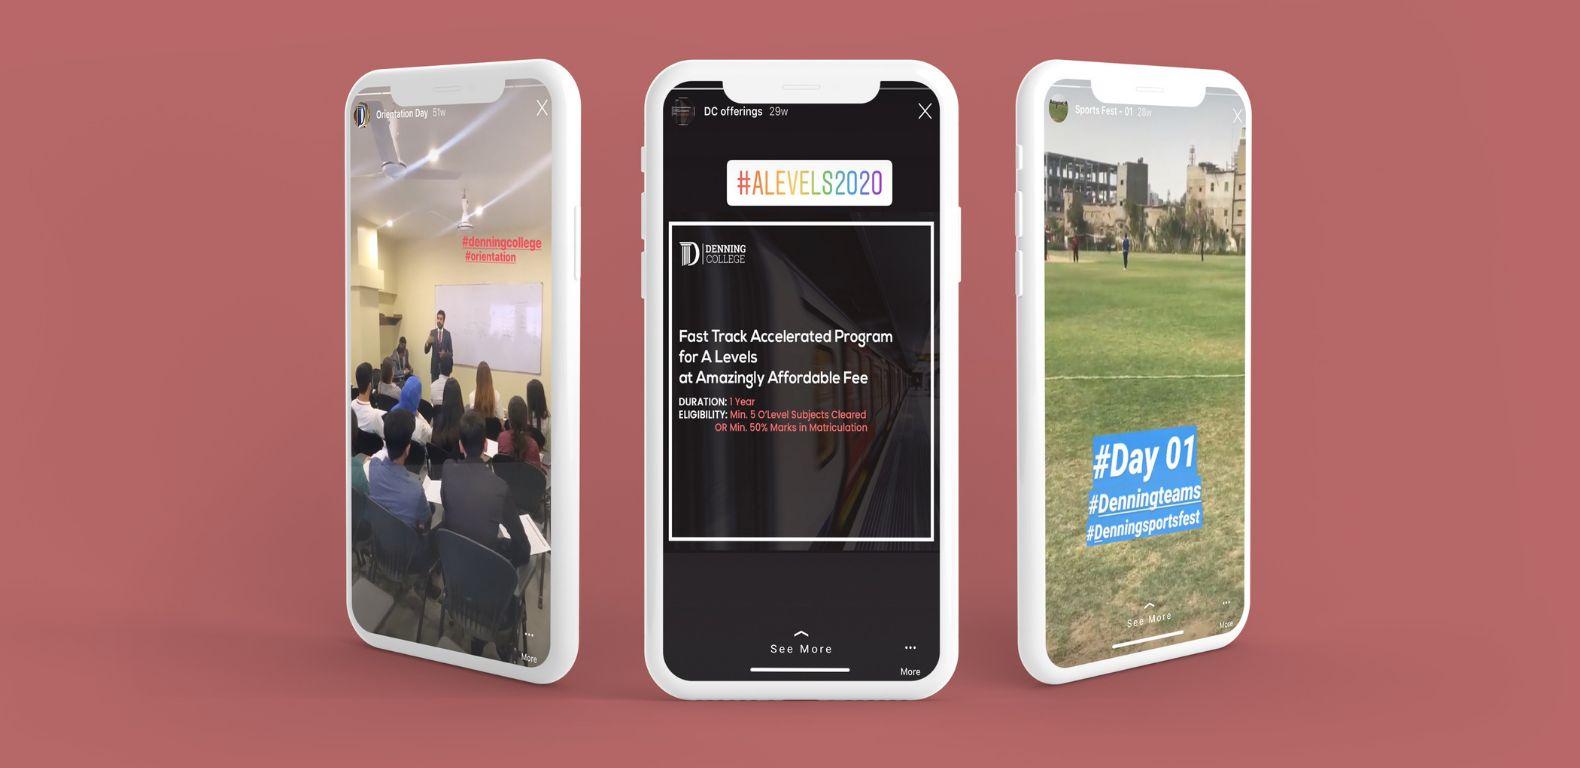 Social-media-marketing-denning-college-Insta-story.